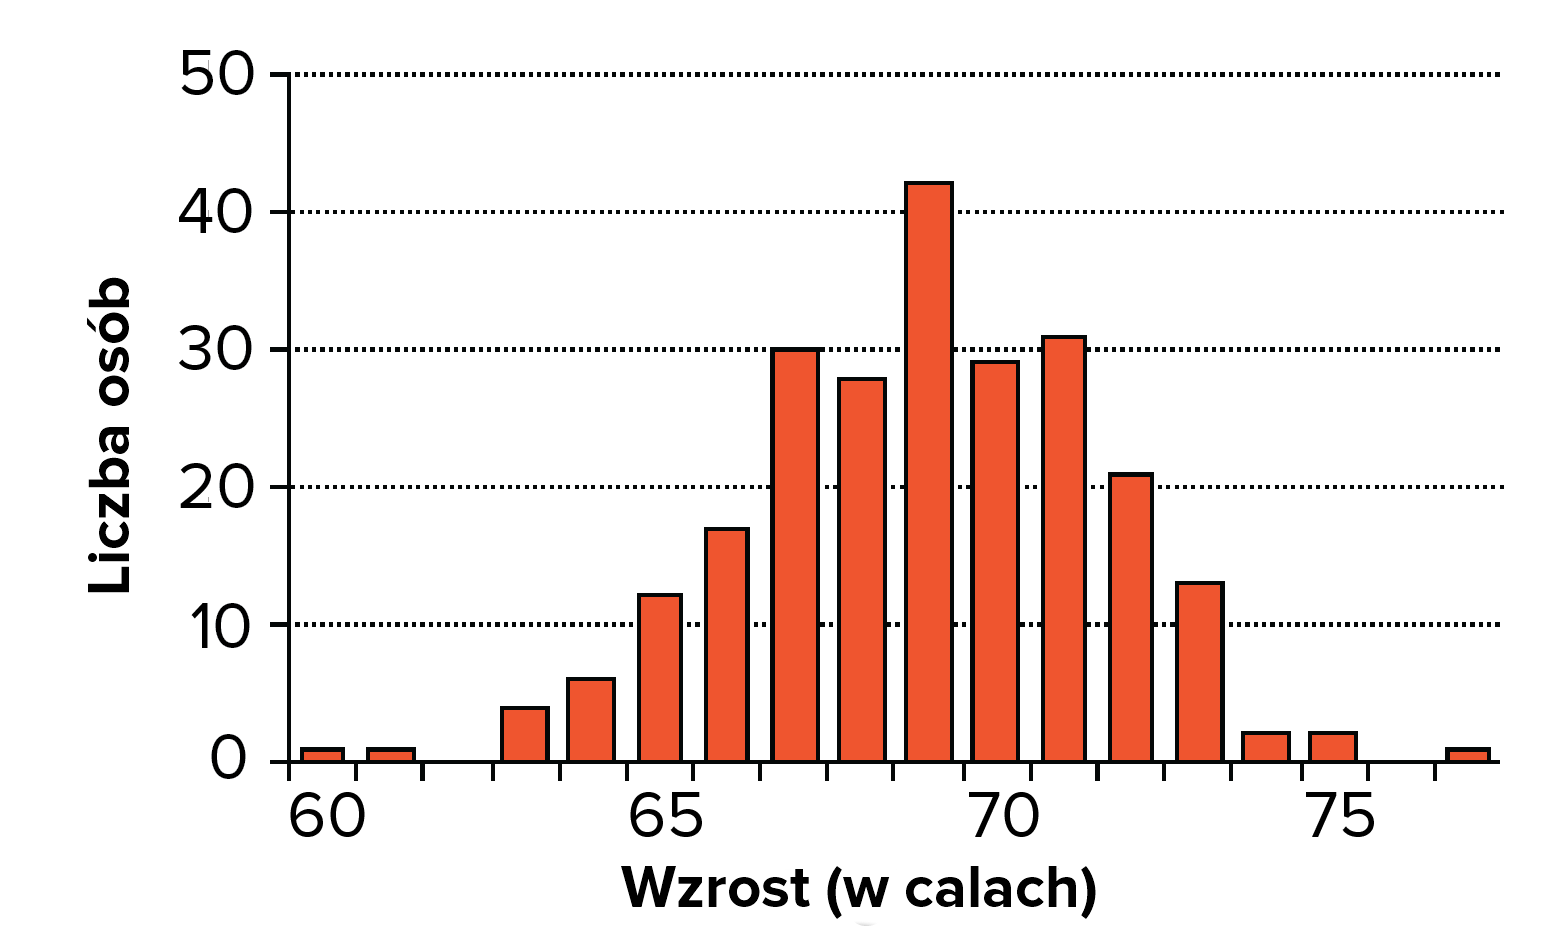 Dziedziczenie wielogenowe i wpyw rodowiska artyku khan academy histogram pokazujcy wzrost w calach dla grupy mczyzn ze szkoy redniej histogram jest mniej wicej w ksztacie dzwonu z tylko kilkoma osobami na ccuart Choice Image